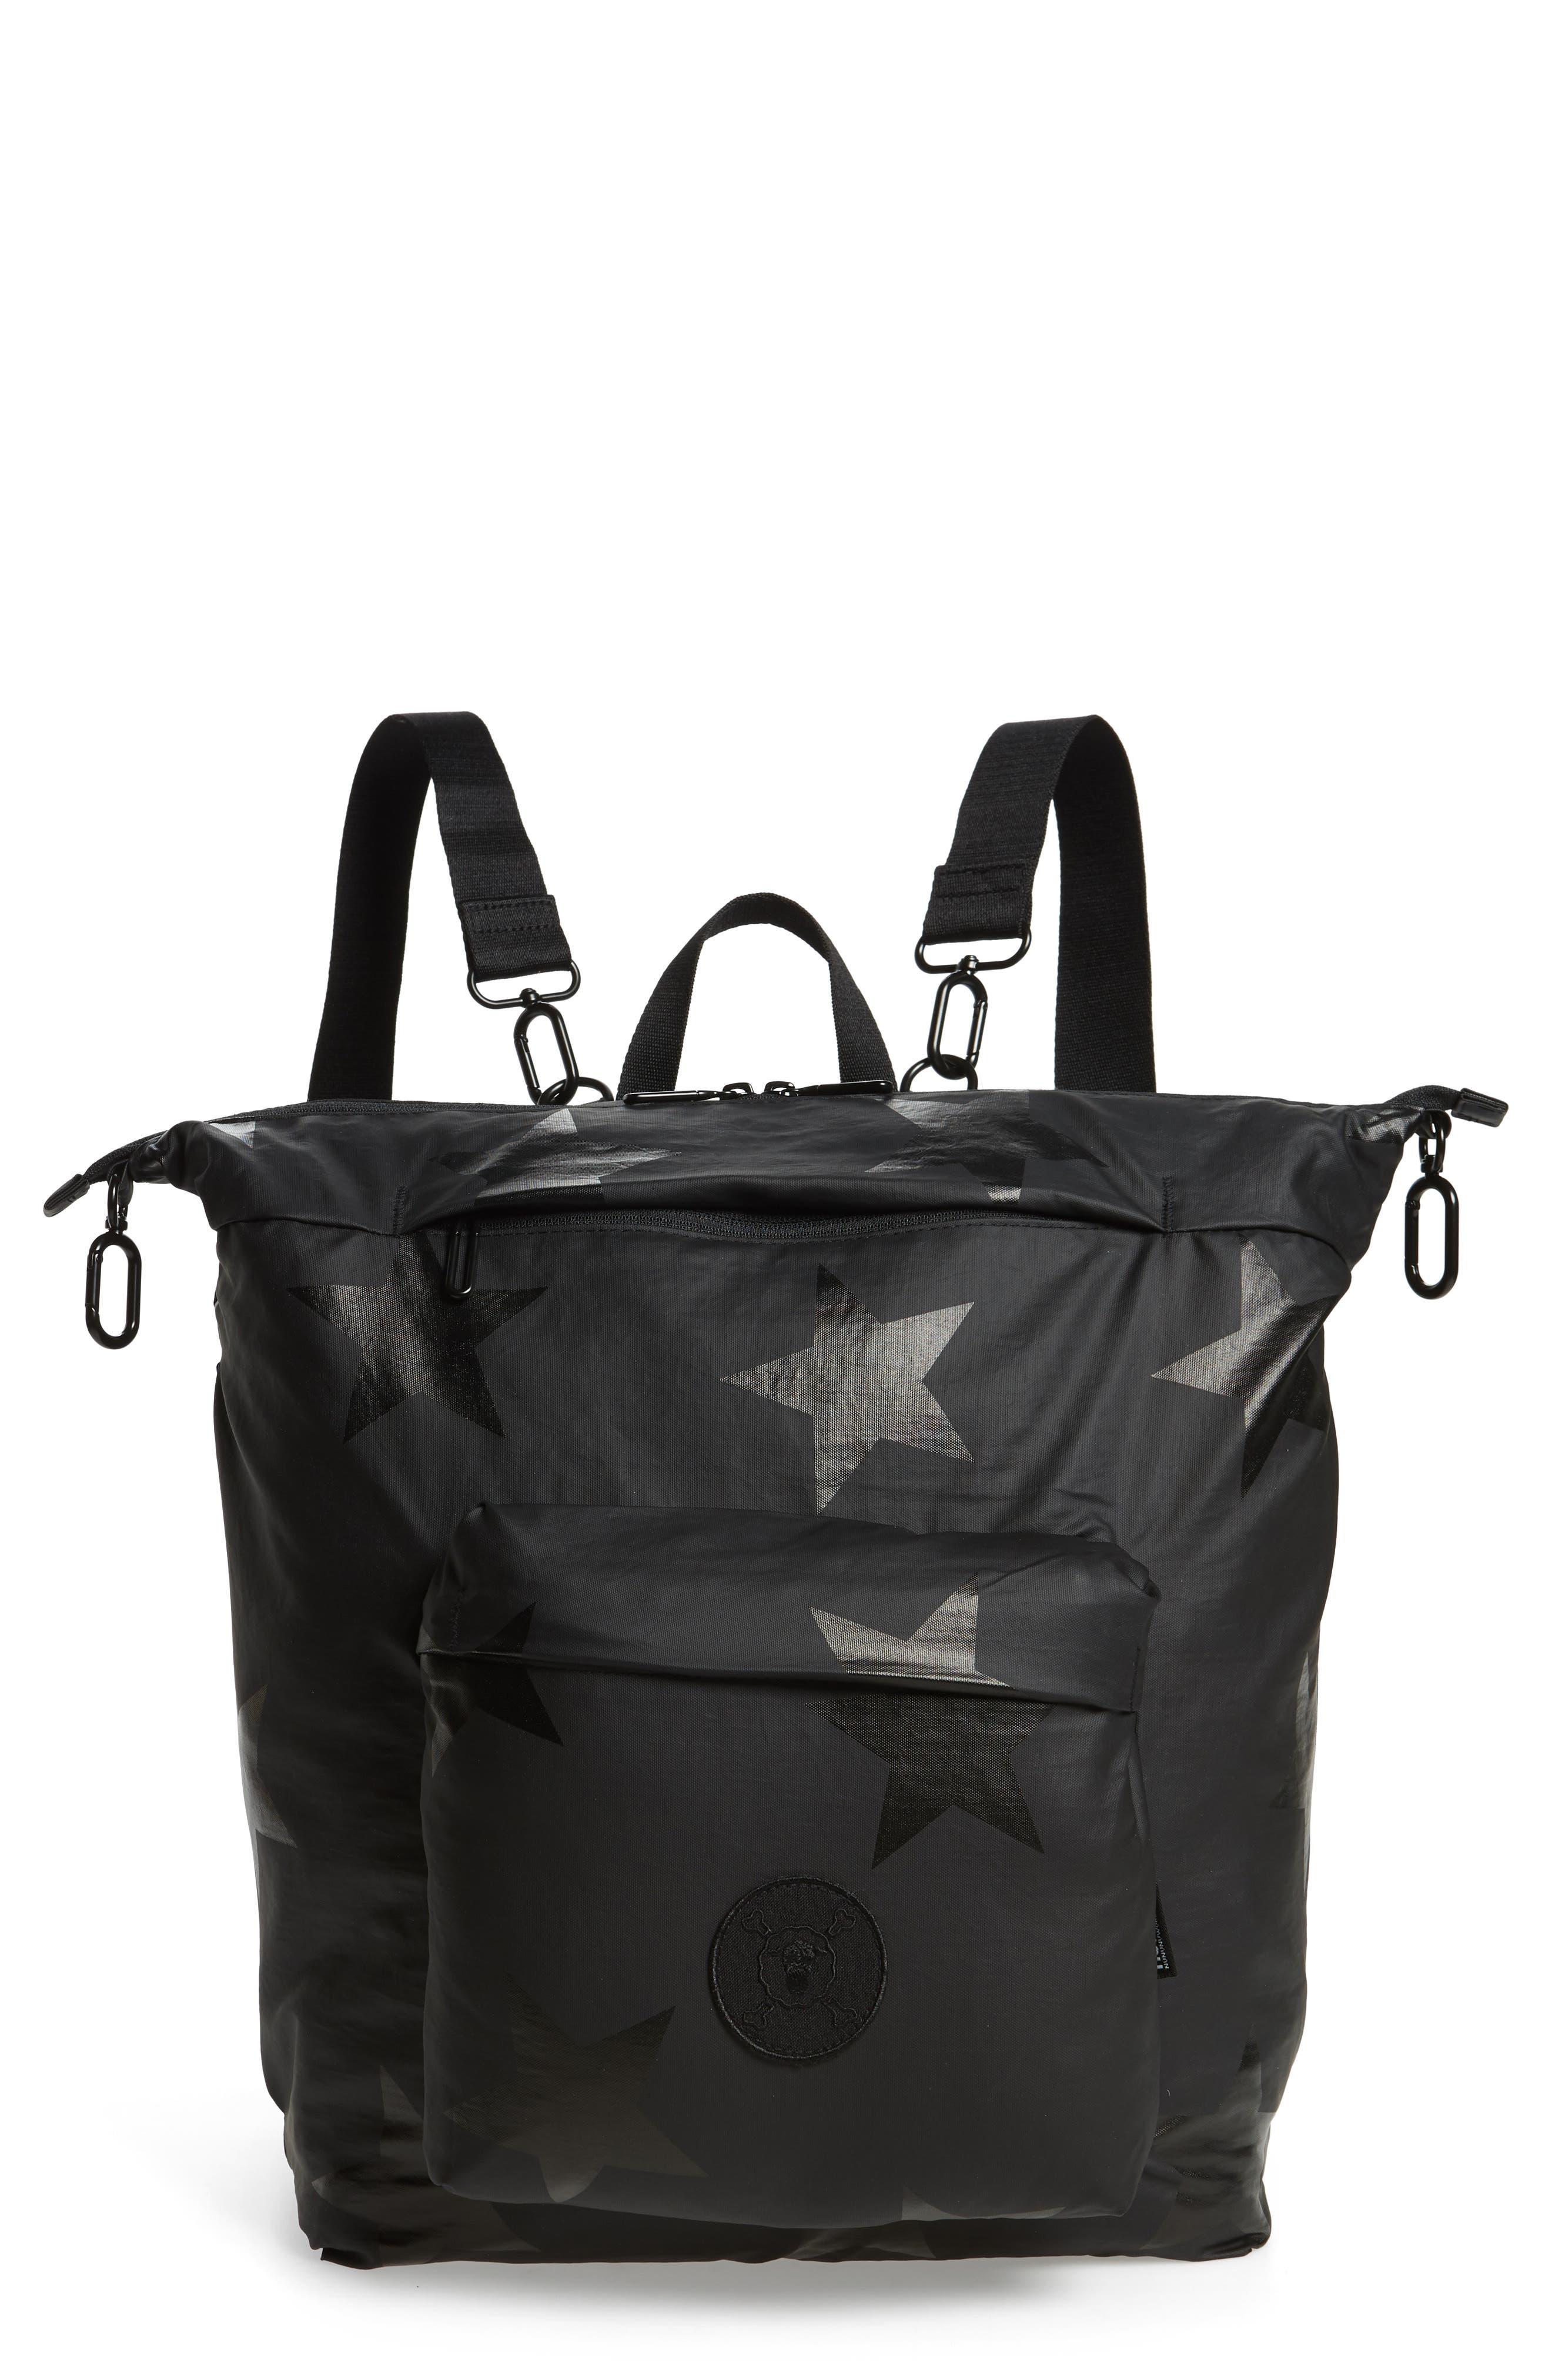 +one duo Nylon Convertible Diaper Bag,                         Main,                         color, BLACK STAR